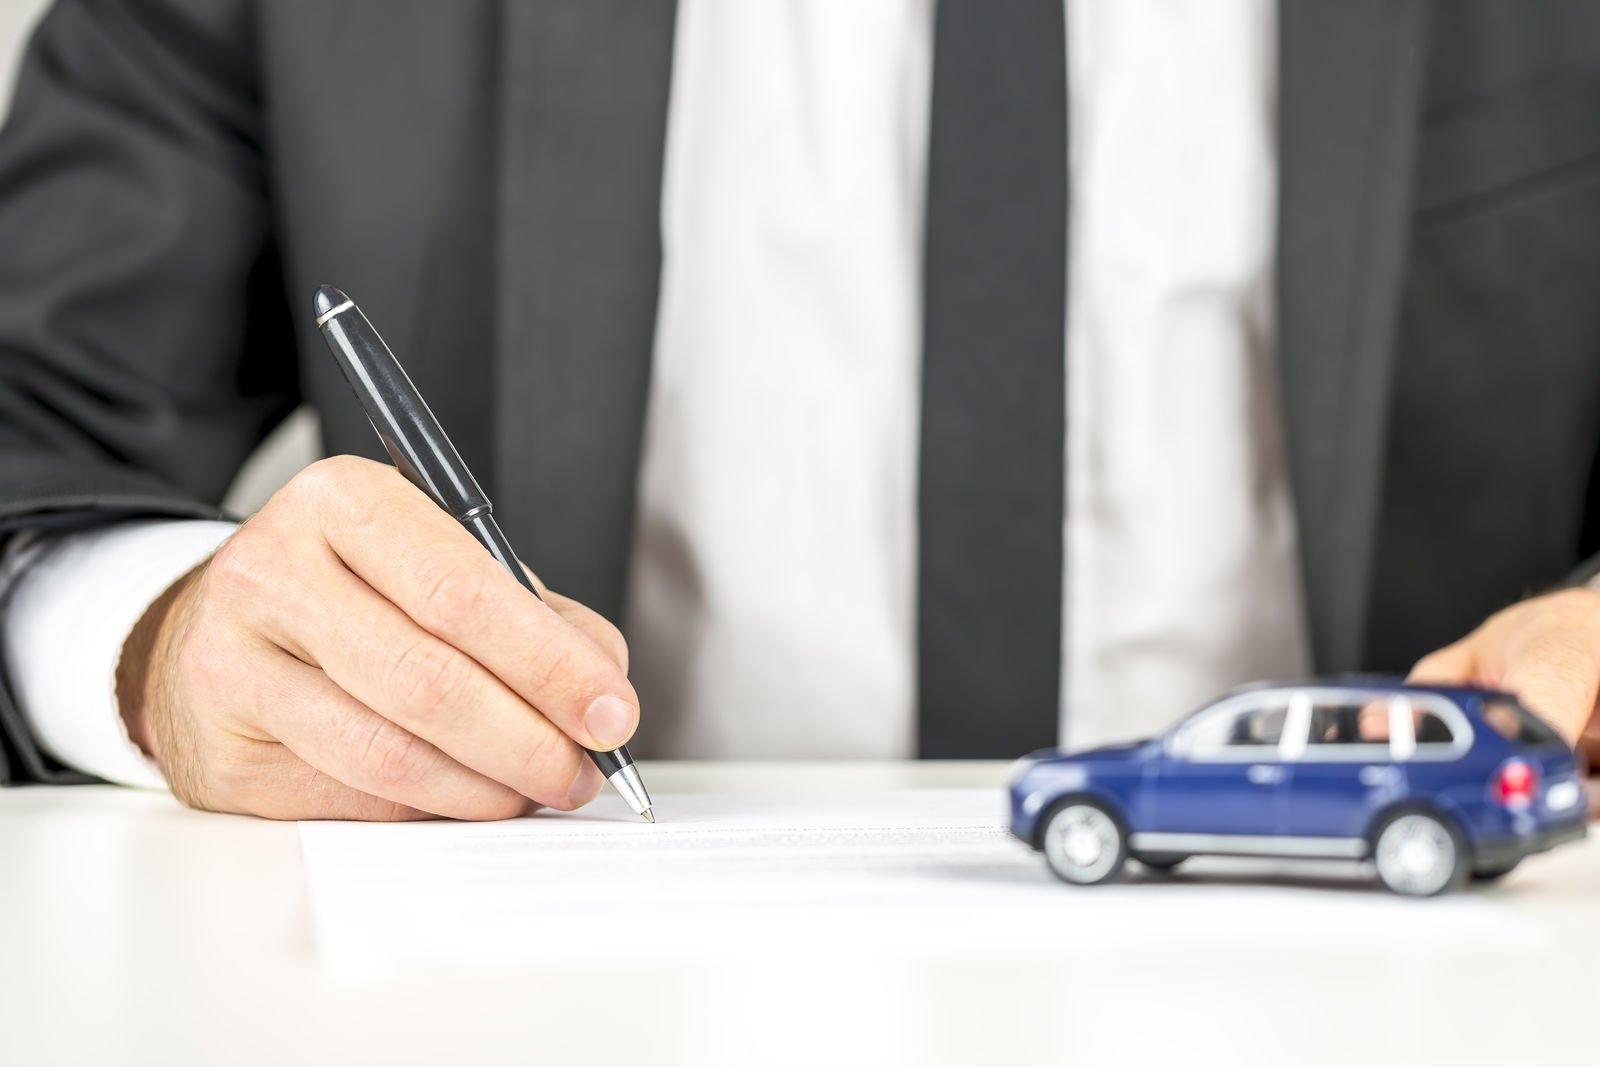 Страхование жизни при ОСАГО: 3 совета юриста при покупке ОСАГО